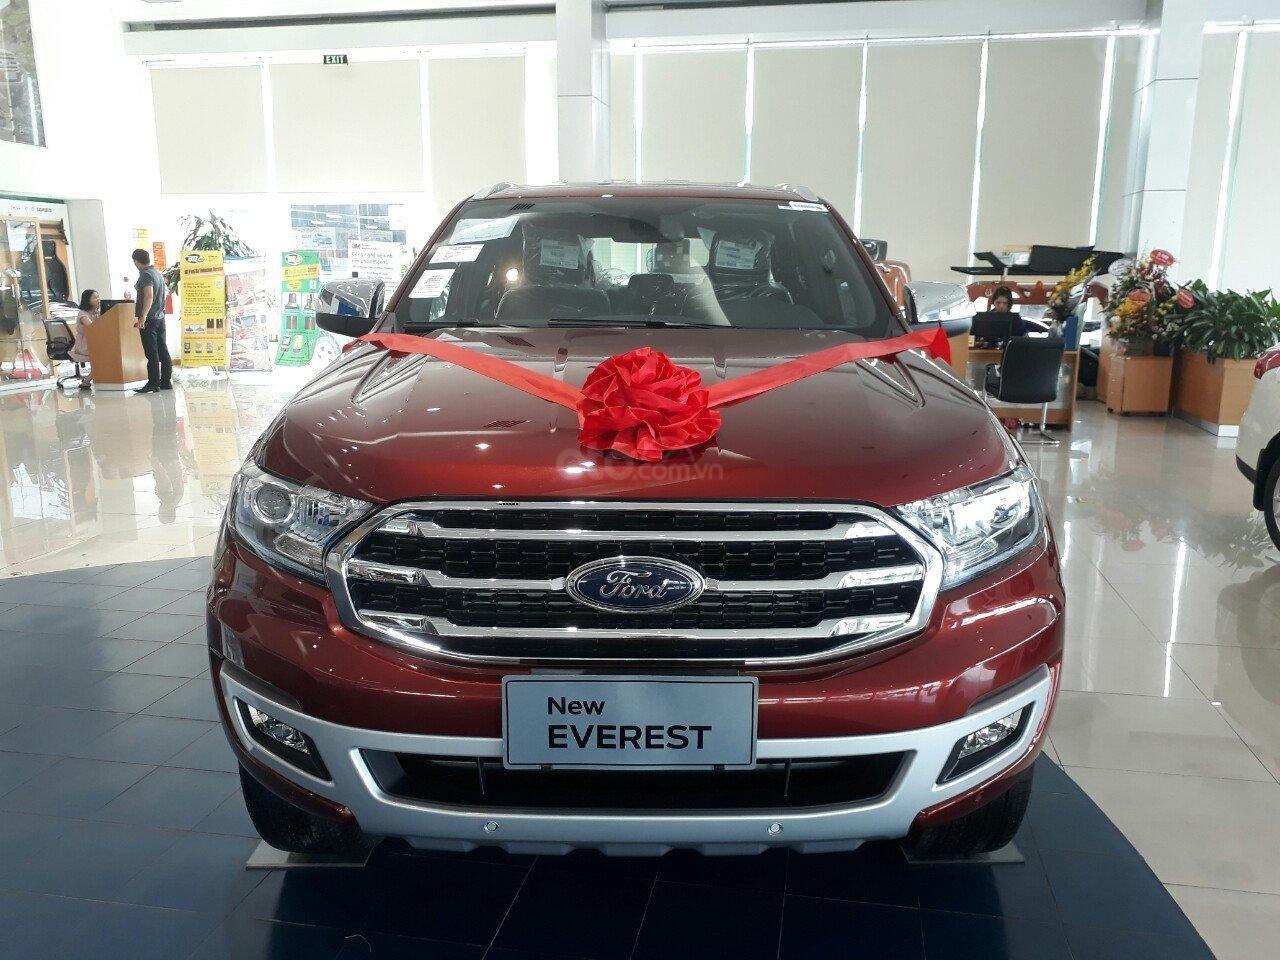 An Đô Ford bán Ford Everest Titanium 2.0 nhập năm 2019, giá tốt nhất thị trường, tặng full phụ kiện, LH 0974286009 (2)